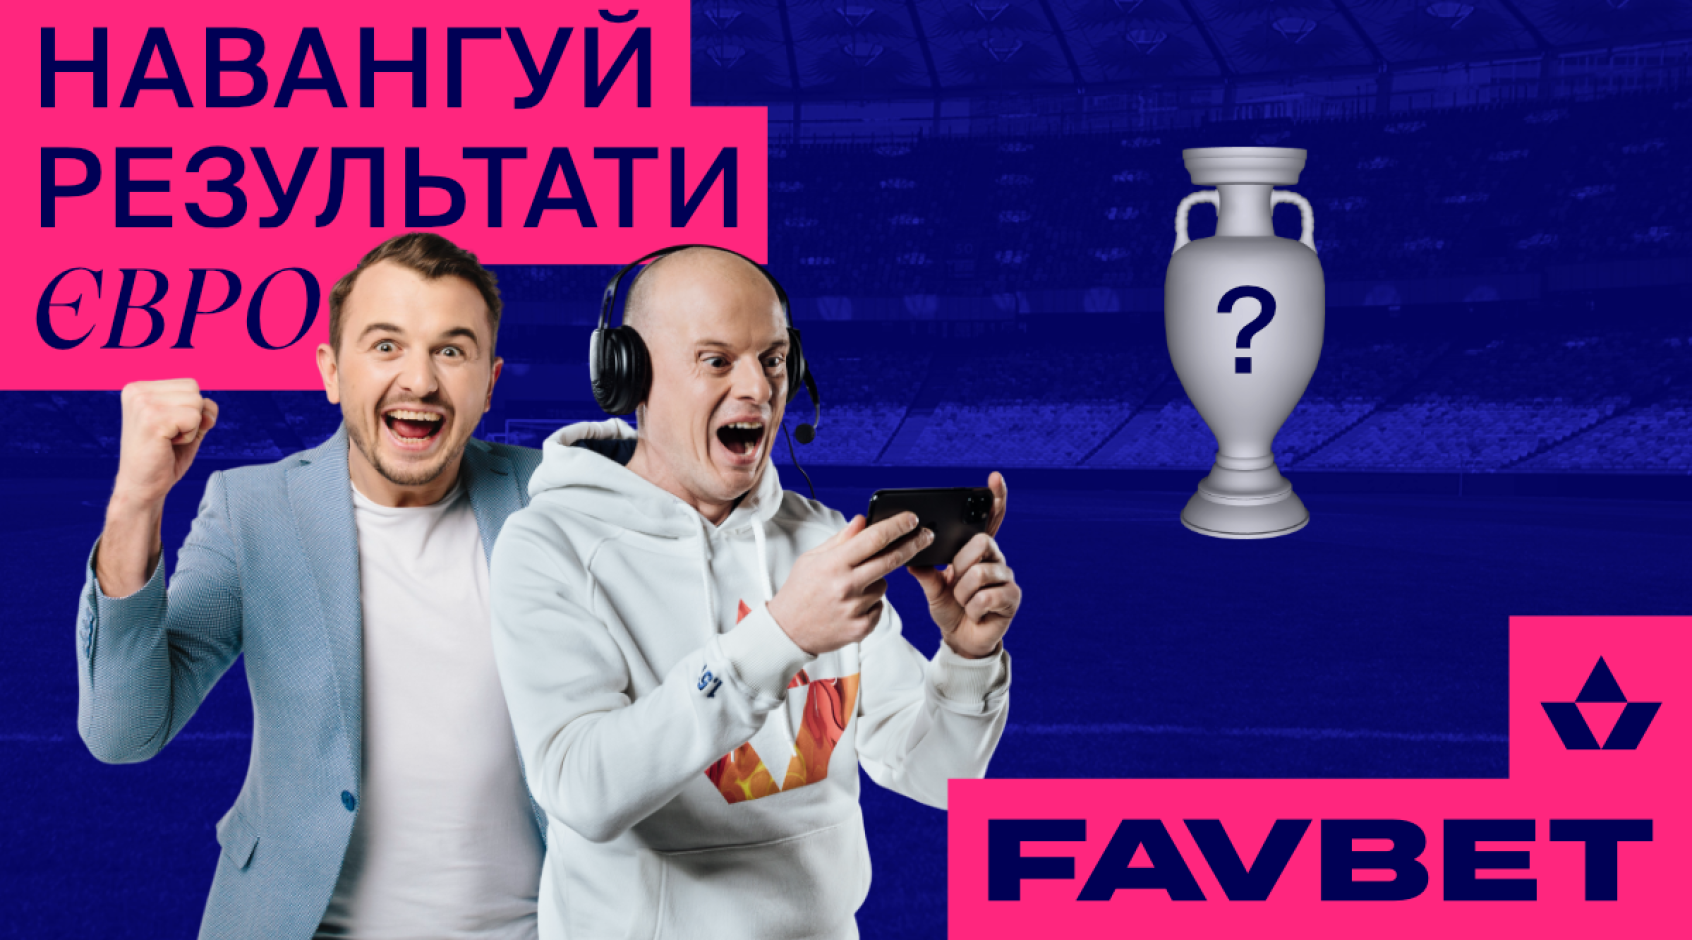 Вацко, Денисов та Янович разом з FAVBET обрали переможця Євро-2020